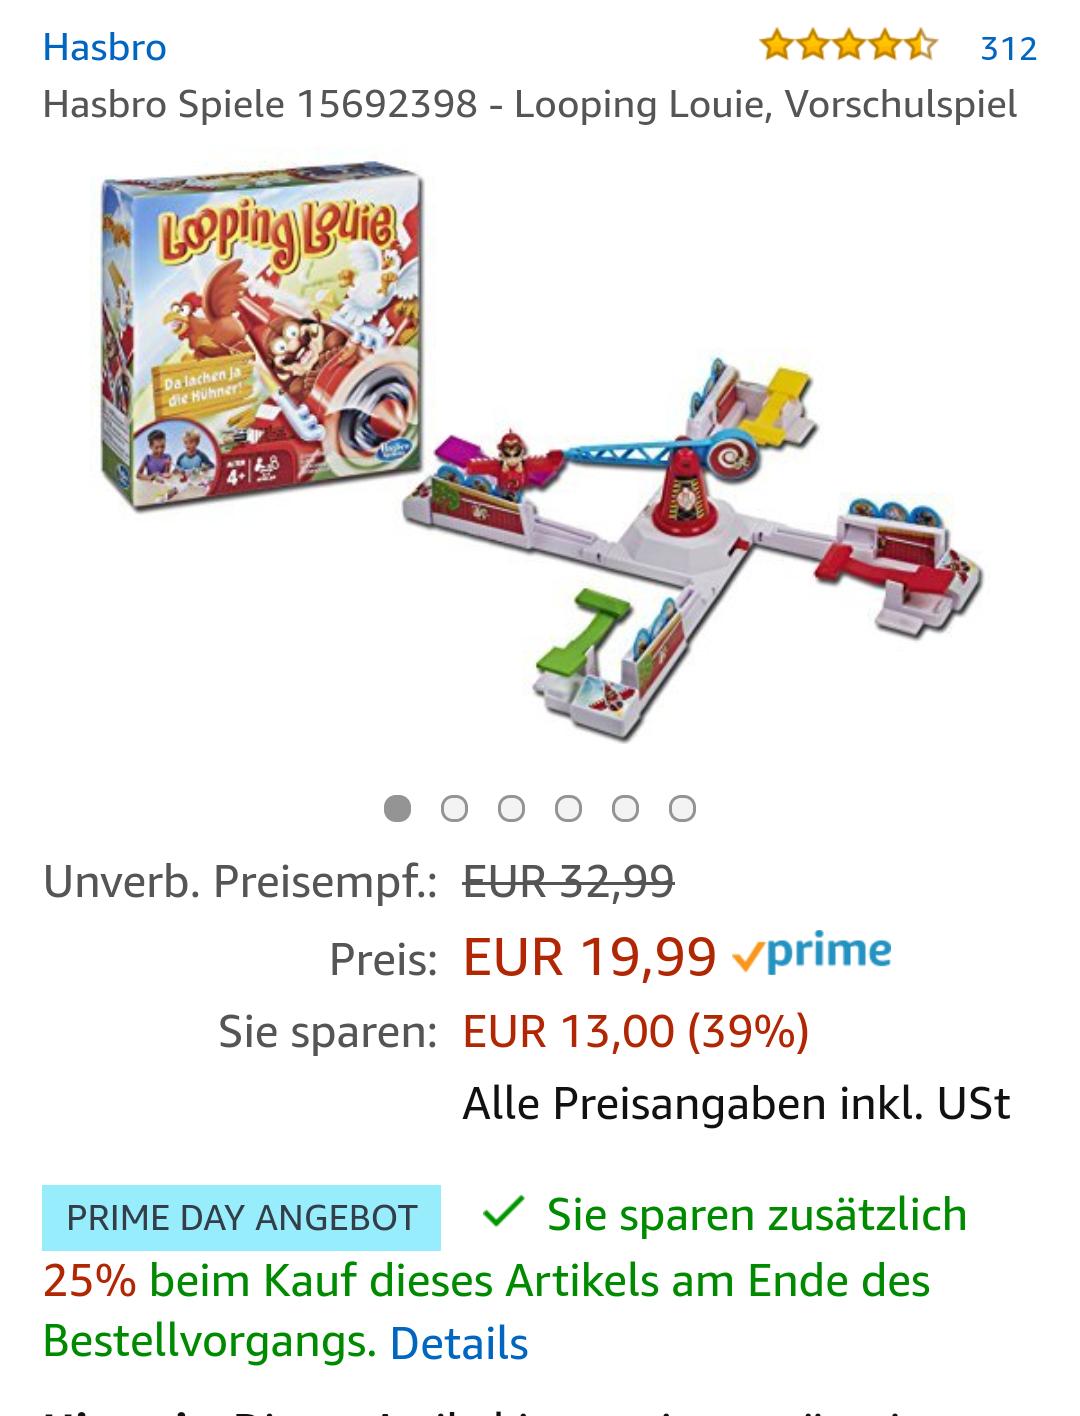 Hasbro Spiele 15692398 - Looping Louie, Vorschulspiel (Prime Day) Preisfehler ? Prozente werden doppelt abgezogen!